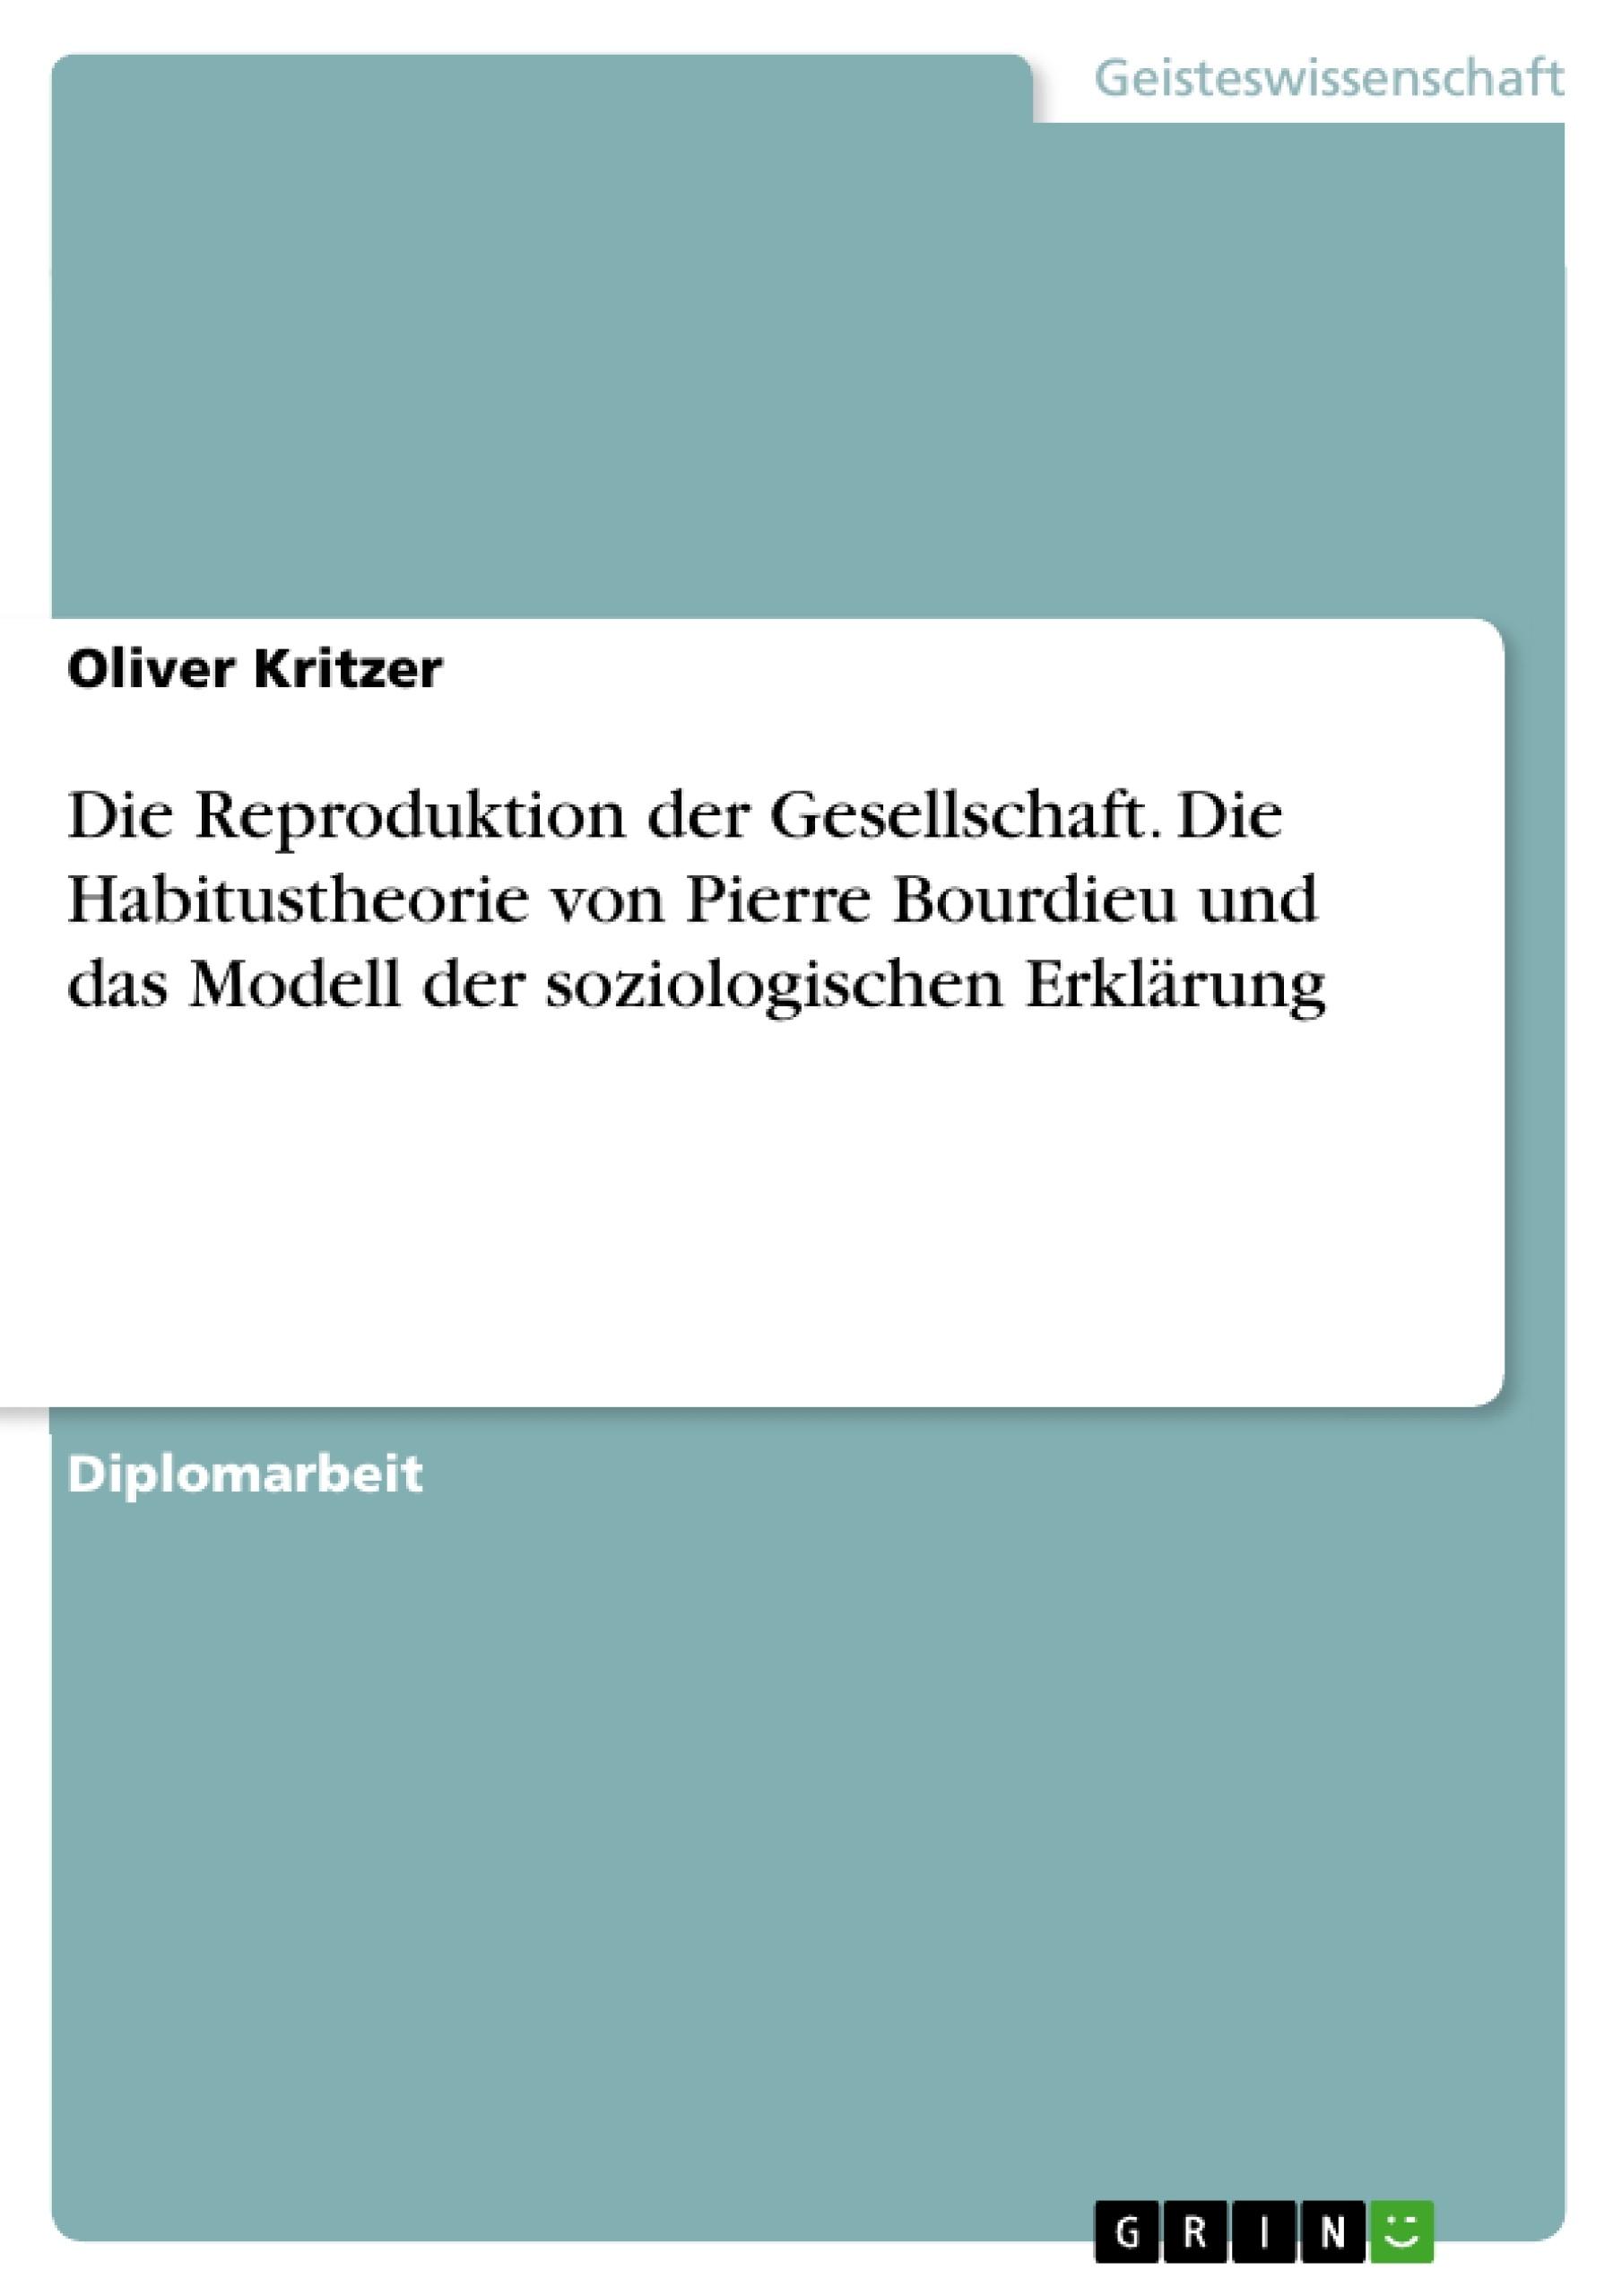 Titel: Die Reproduktion der Gesellschaft. Die Habitustheorie von Pierre Bourdieu und das Modell der soziologischen Erklärung